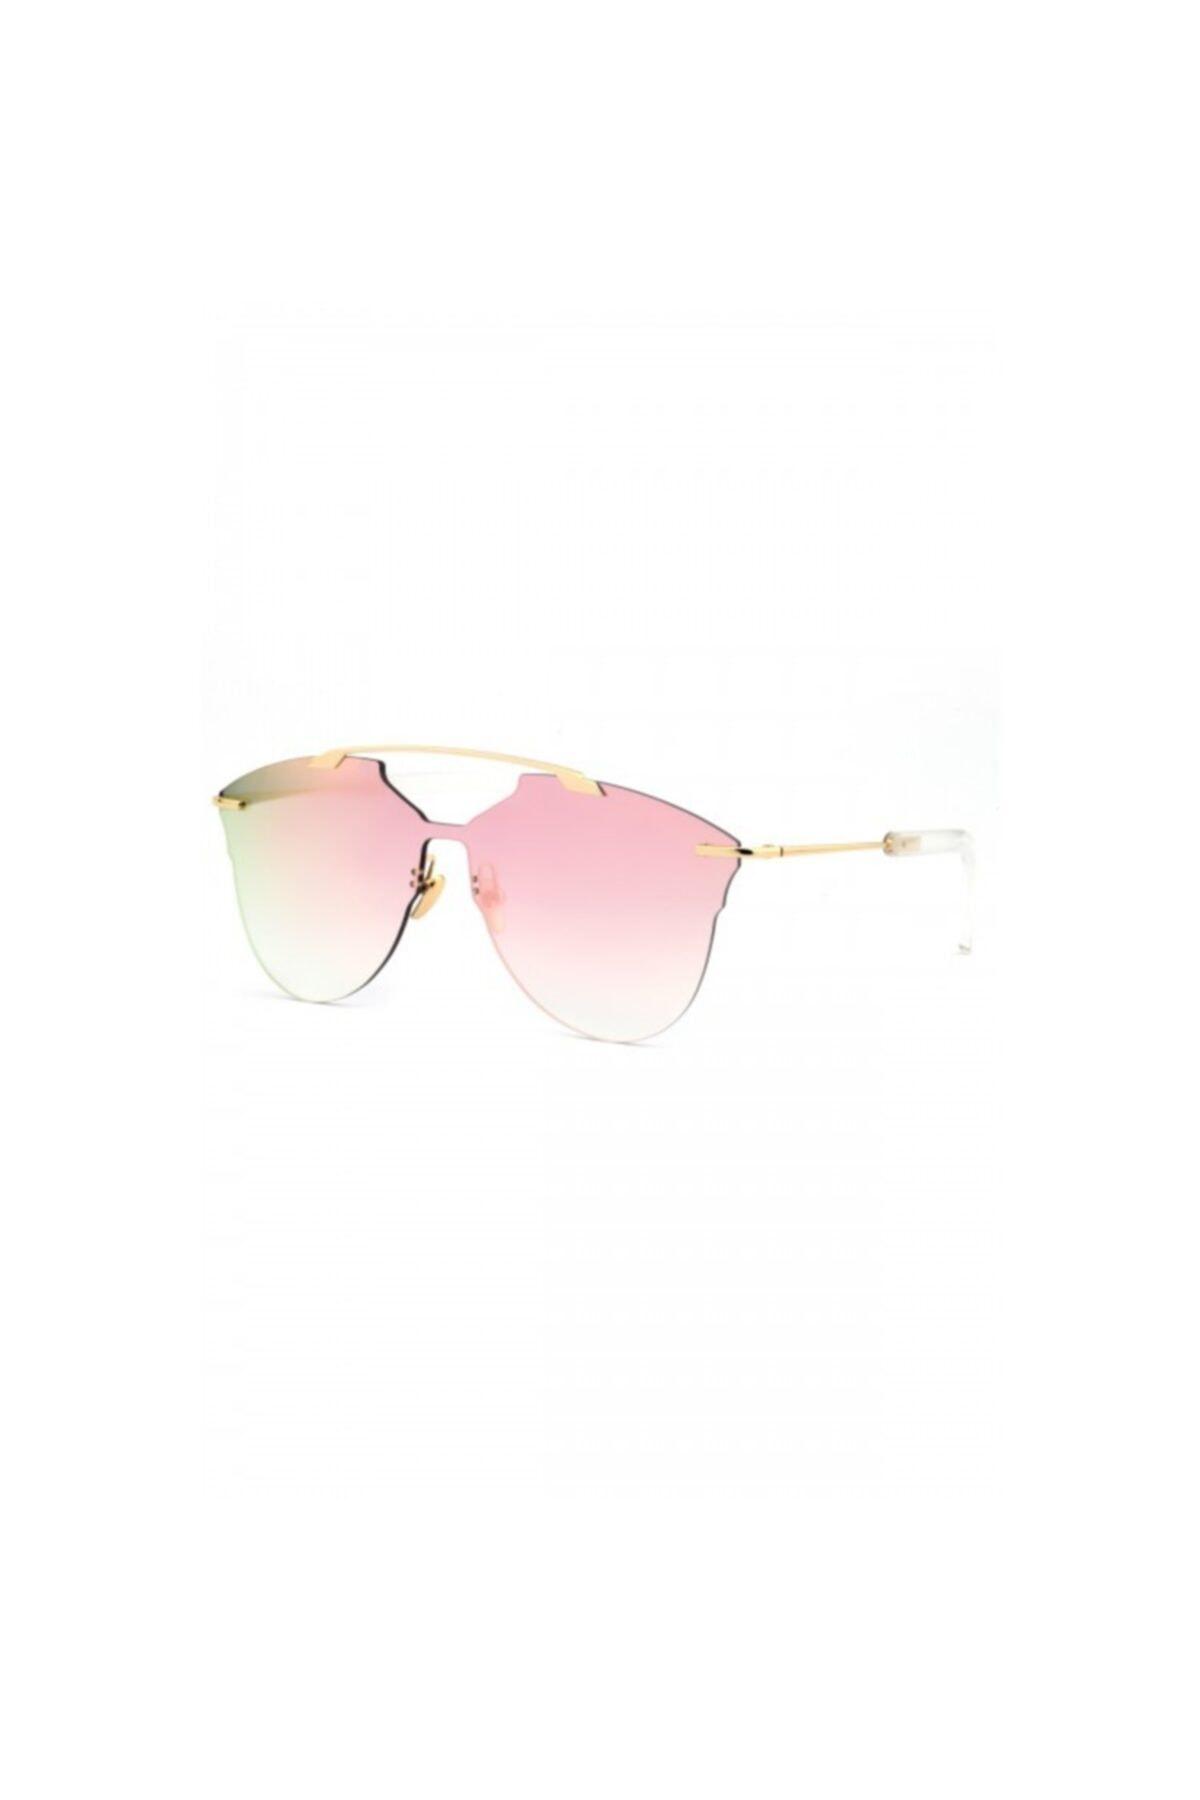 فروش اینترنتی عینک آفتابی زنانه با قیمت برند Almera رنگ بنفش کد ty40771047